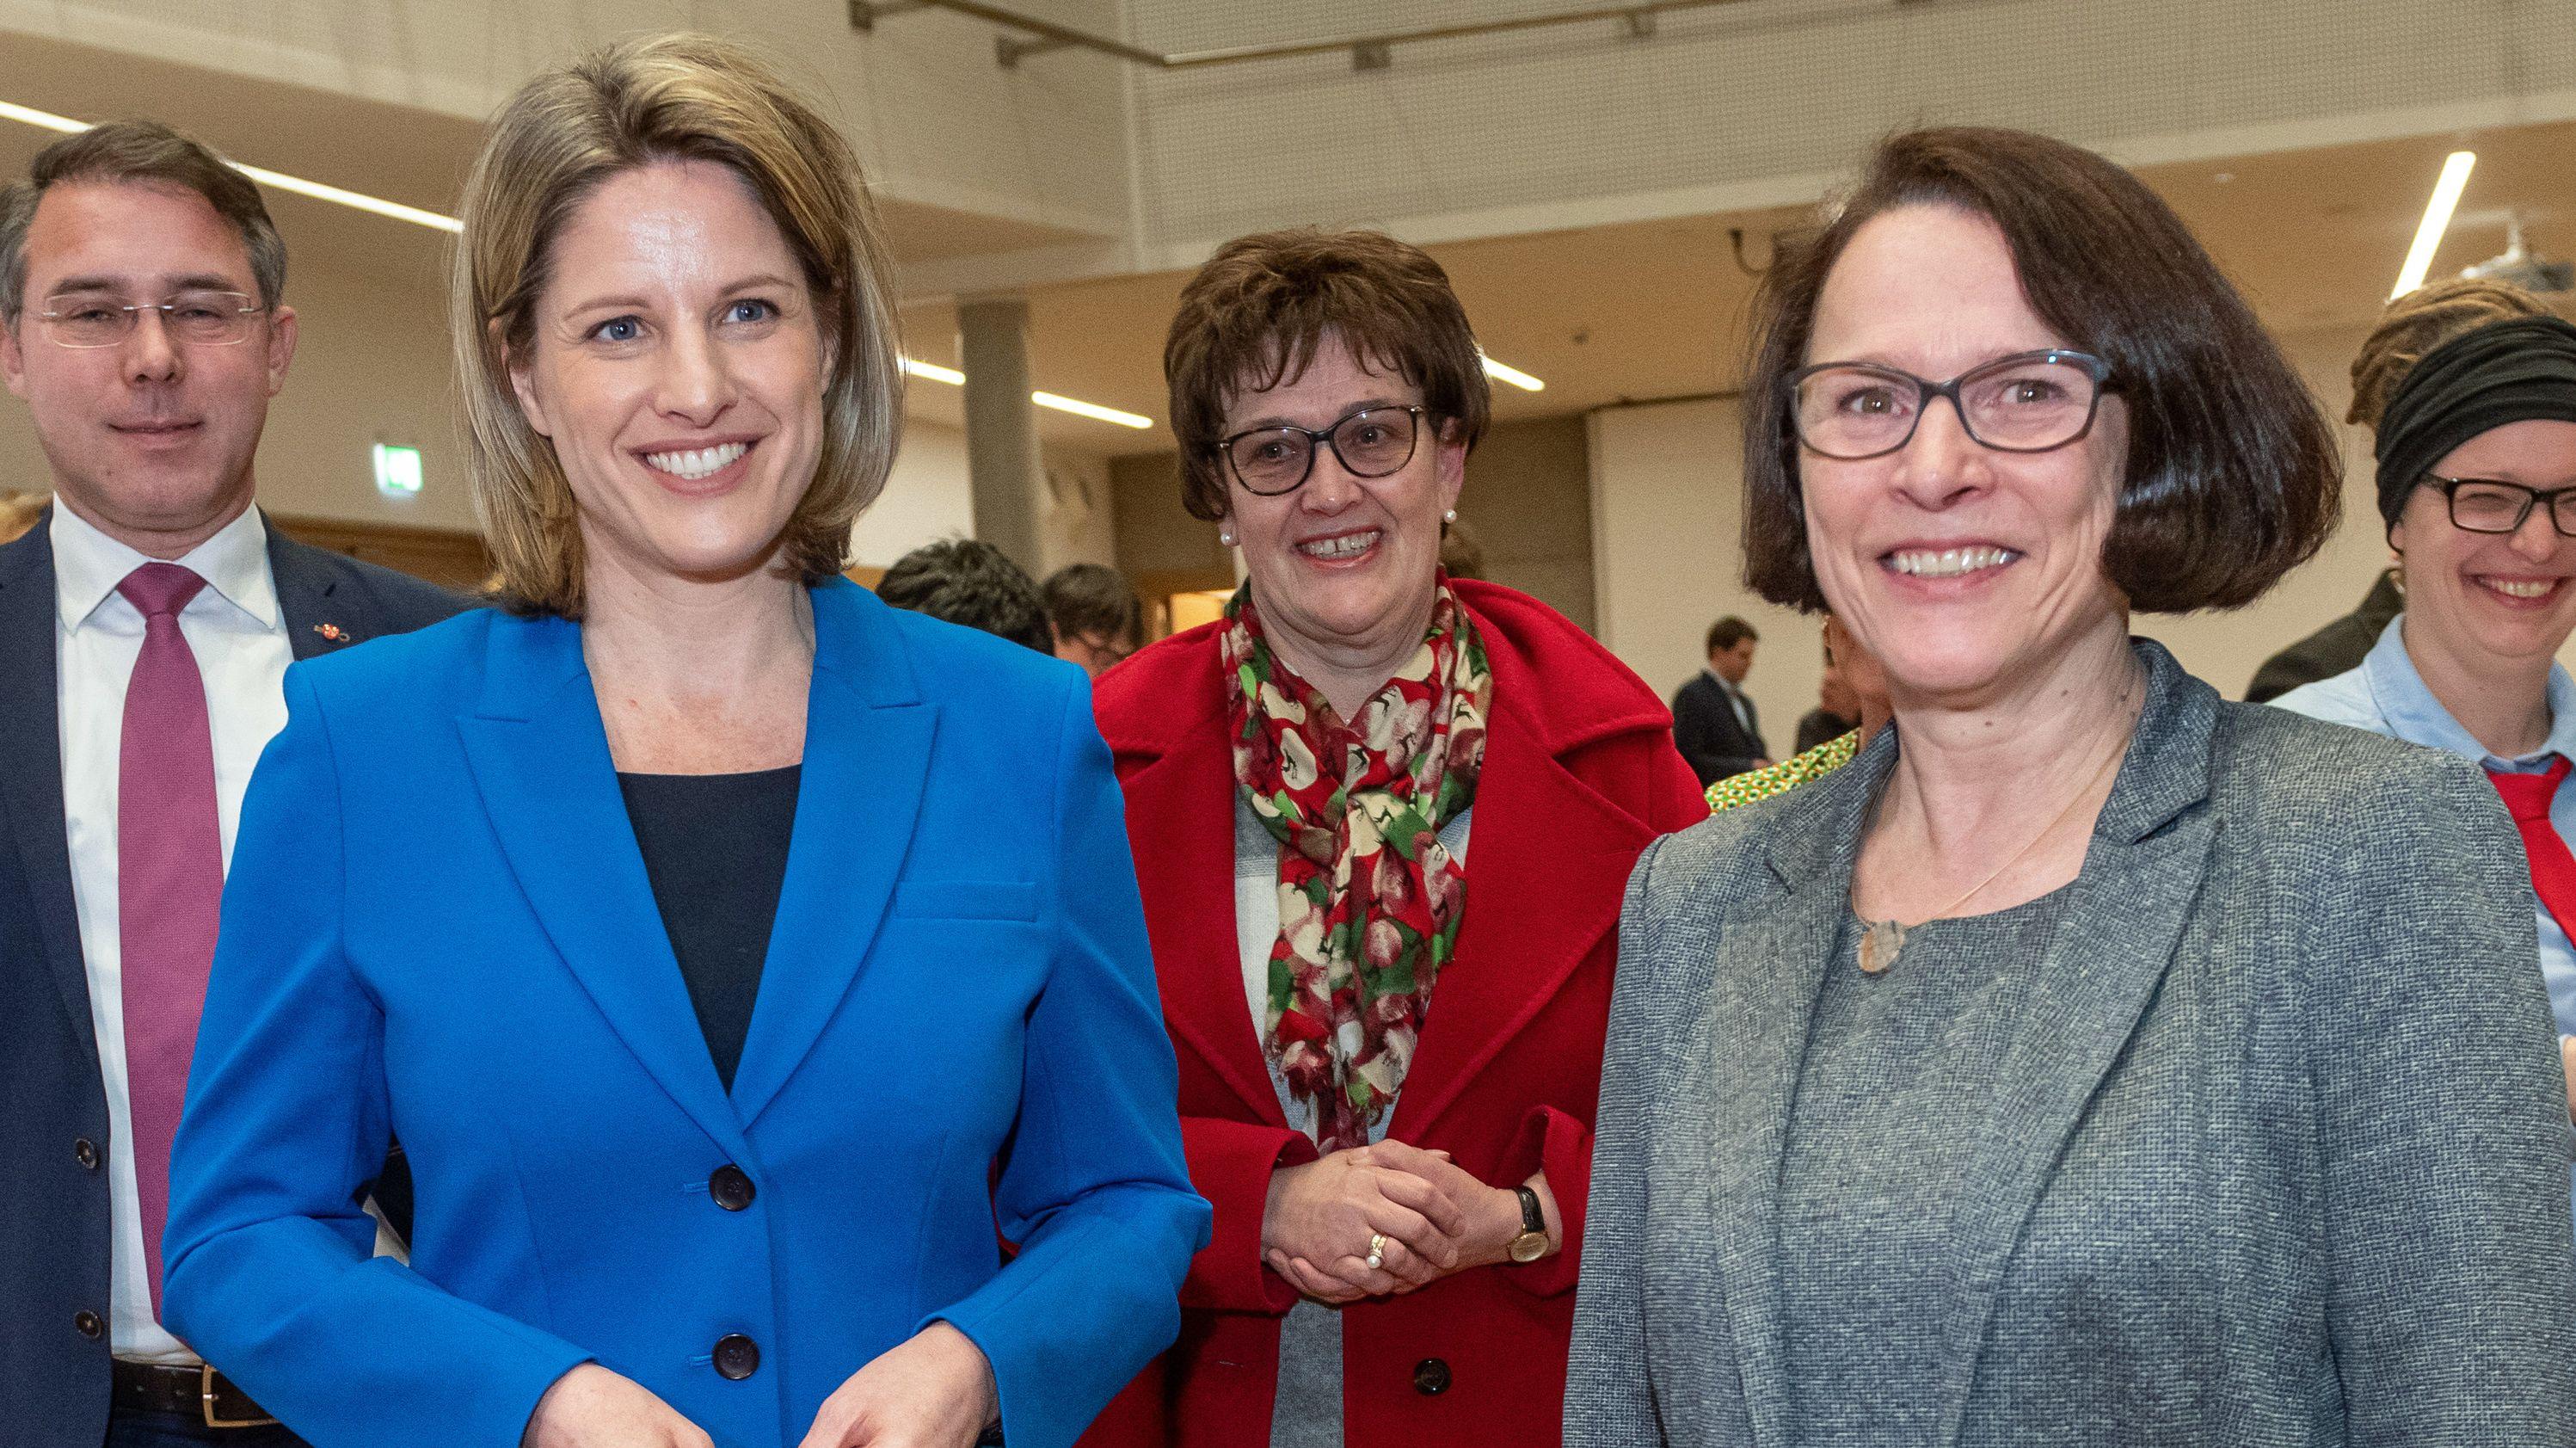 Bei der Stichwahl am 29.03.2020 treten Astrid Freudenstein (CSU) und Gertrud Maltz-Schwarzfischer (SPD) an.